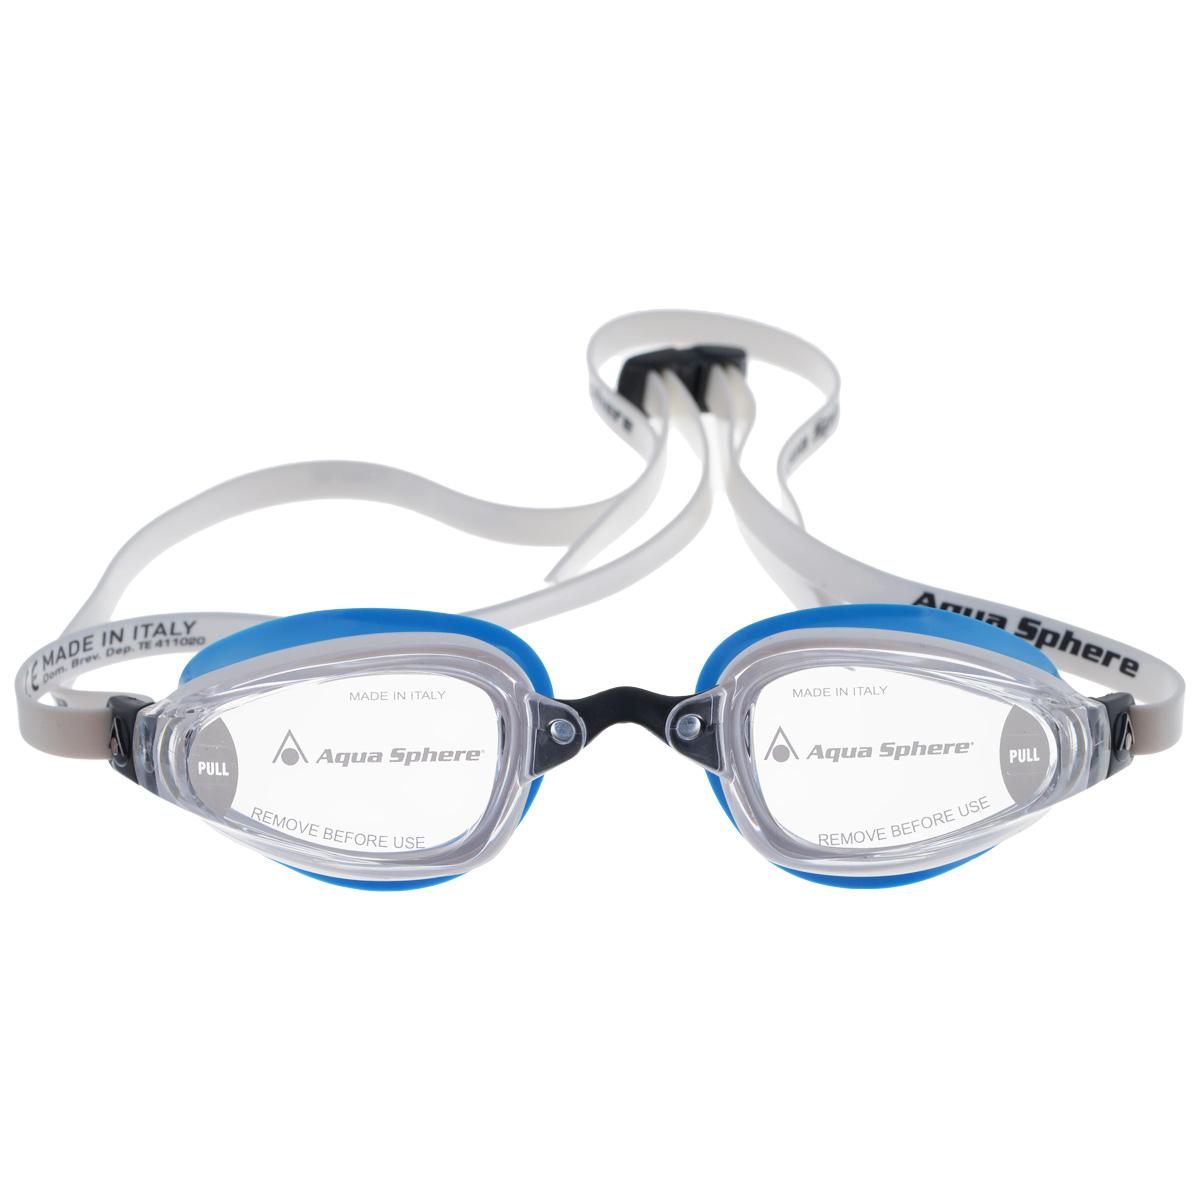 Очки для плавания Aqua Sphere K180 Lady, цвет: белый, голубойTN 173270Aqua Sphere K180 Lady - это первые очки для скоростного плавания, обладающие панорамным обзором в 180°, который достигается благодаря очень близкому расположению линз к глазам. Благодаря сменным перемычкам можно менять расстояние между линзами. Очки дают 100% защиту от ультрафиолетового излучения.В комплекте 3 сменных перемычки.